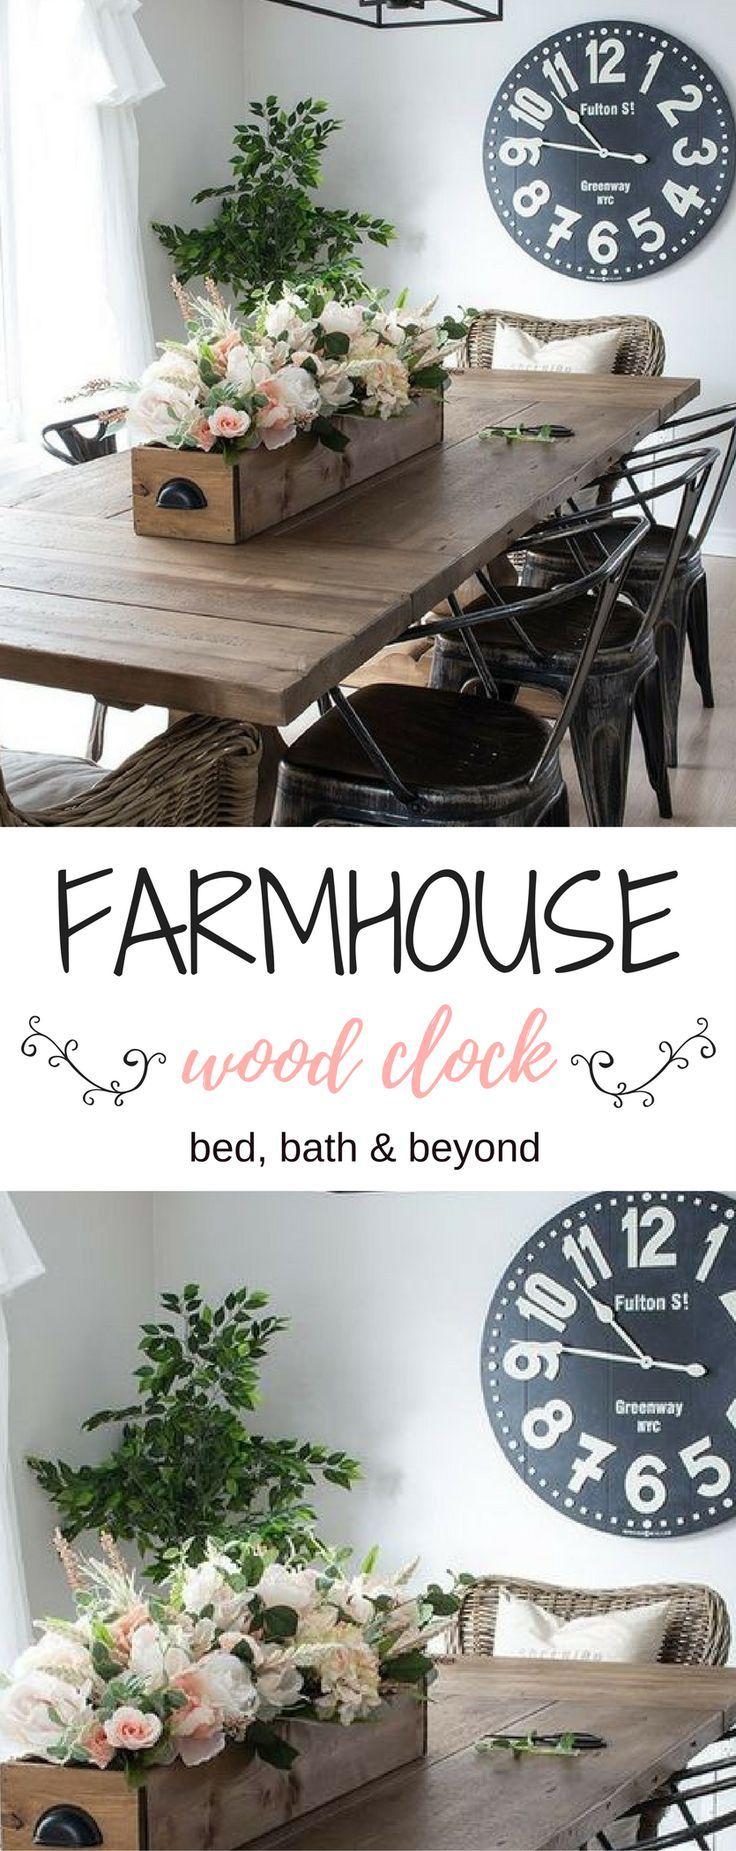 Bauernhaus wohnzimmer bauernküchen bauernhaus schlafzimmer dekor speiseräume rustikalen stil rustikal chic rustikales bauernhaus dekor